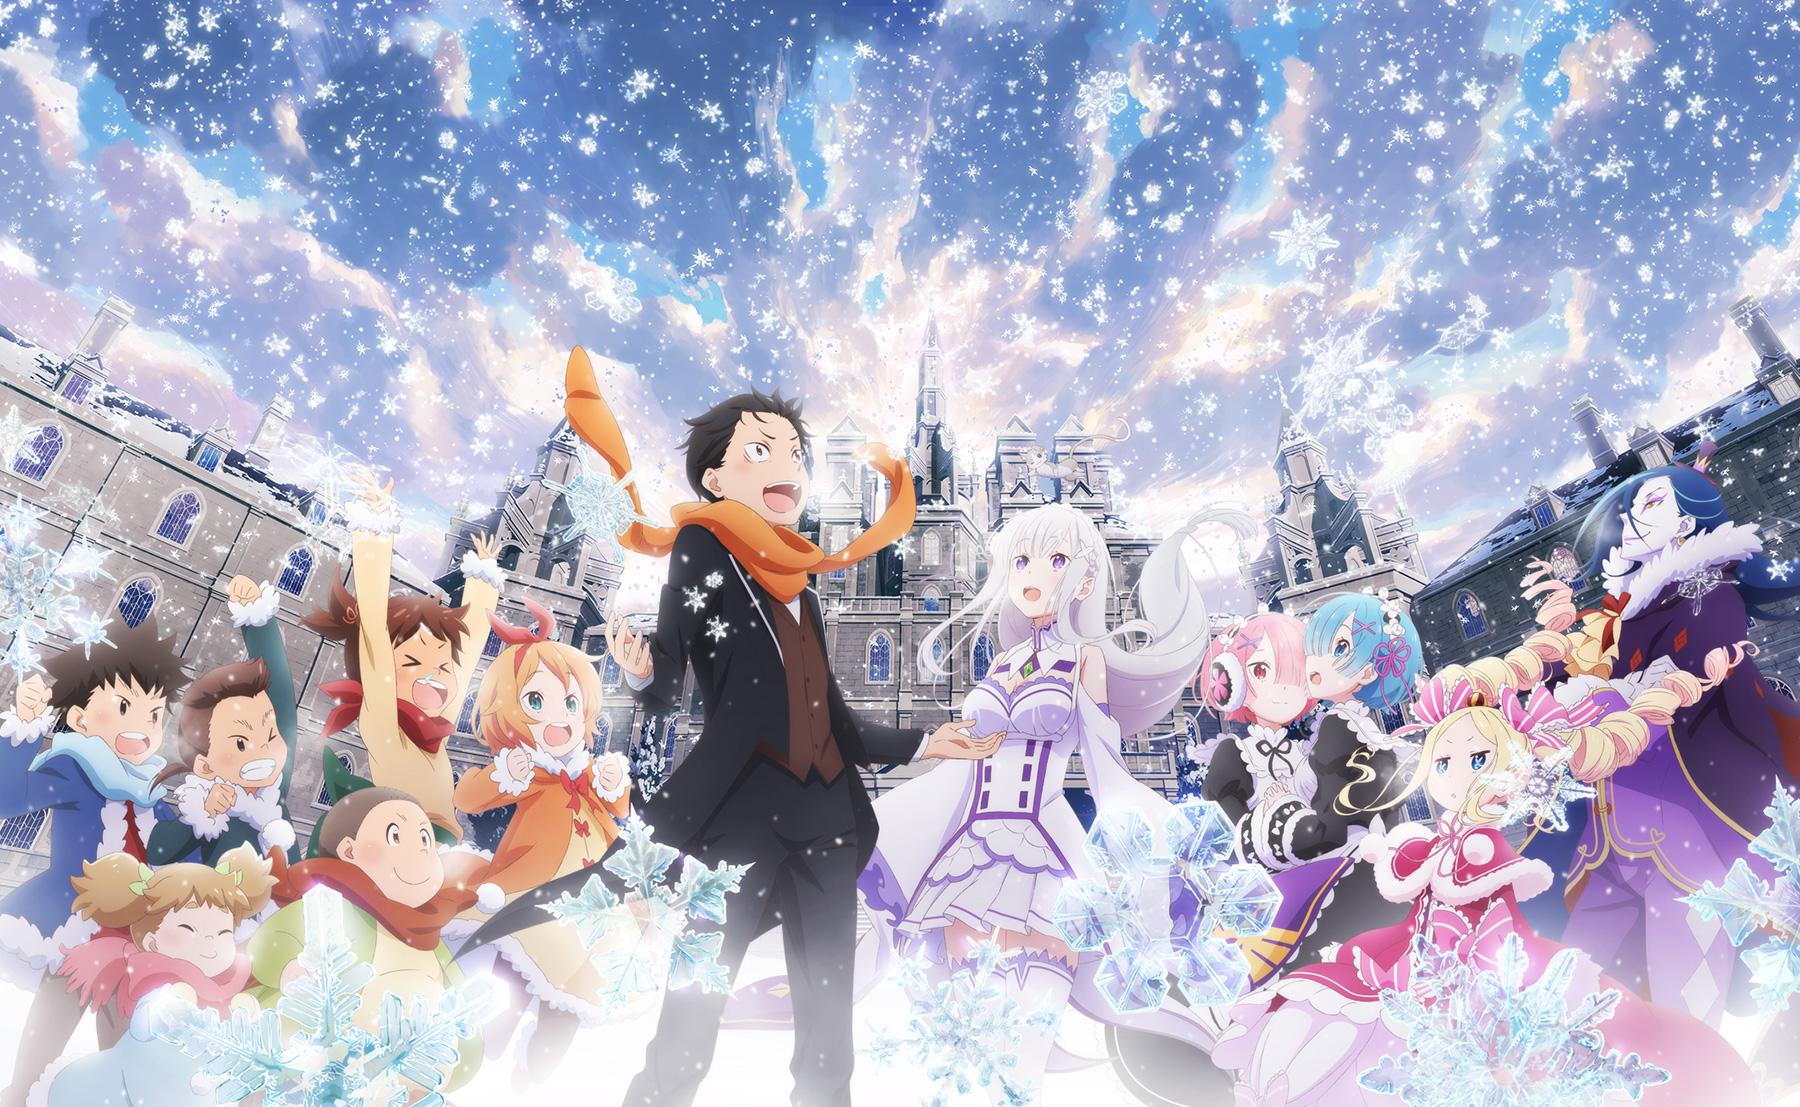 OVA《Re:从零开始的异世界生活 Memory Snow》10月6日上映-ANICOGA